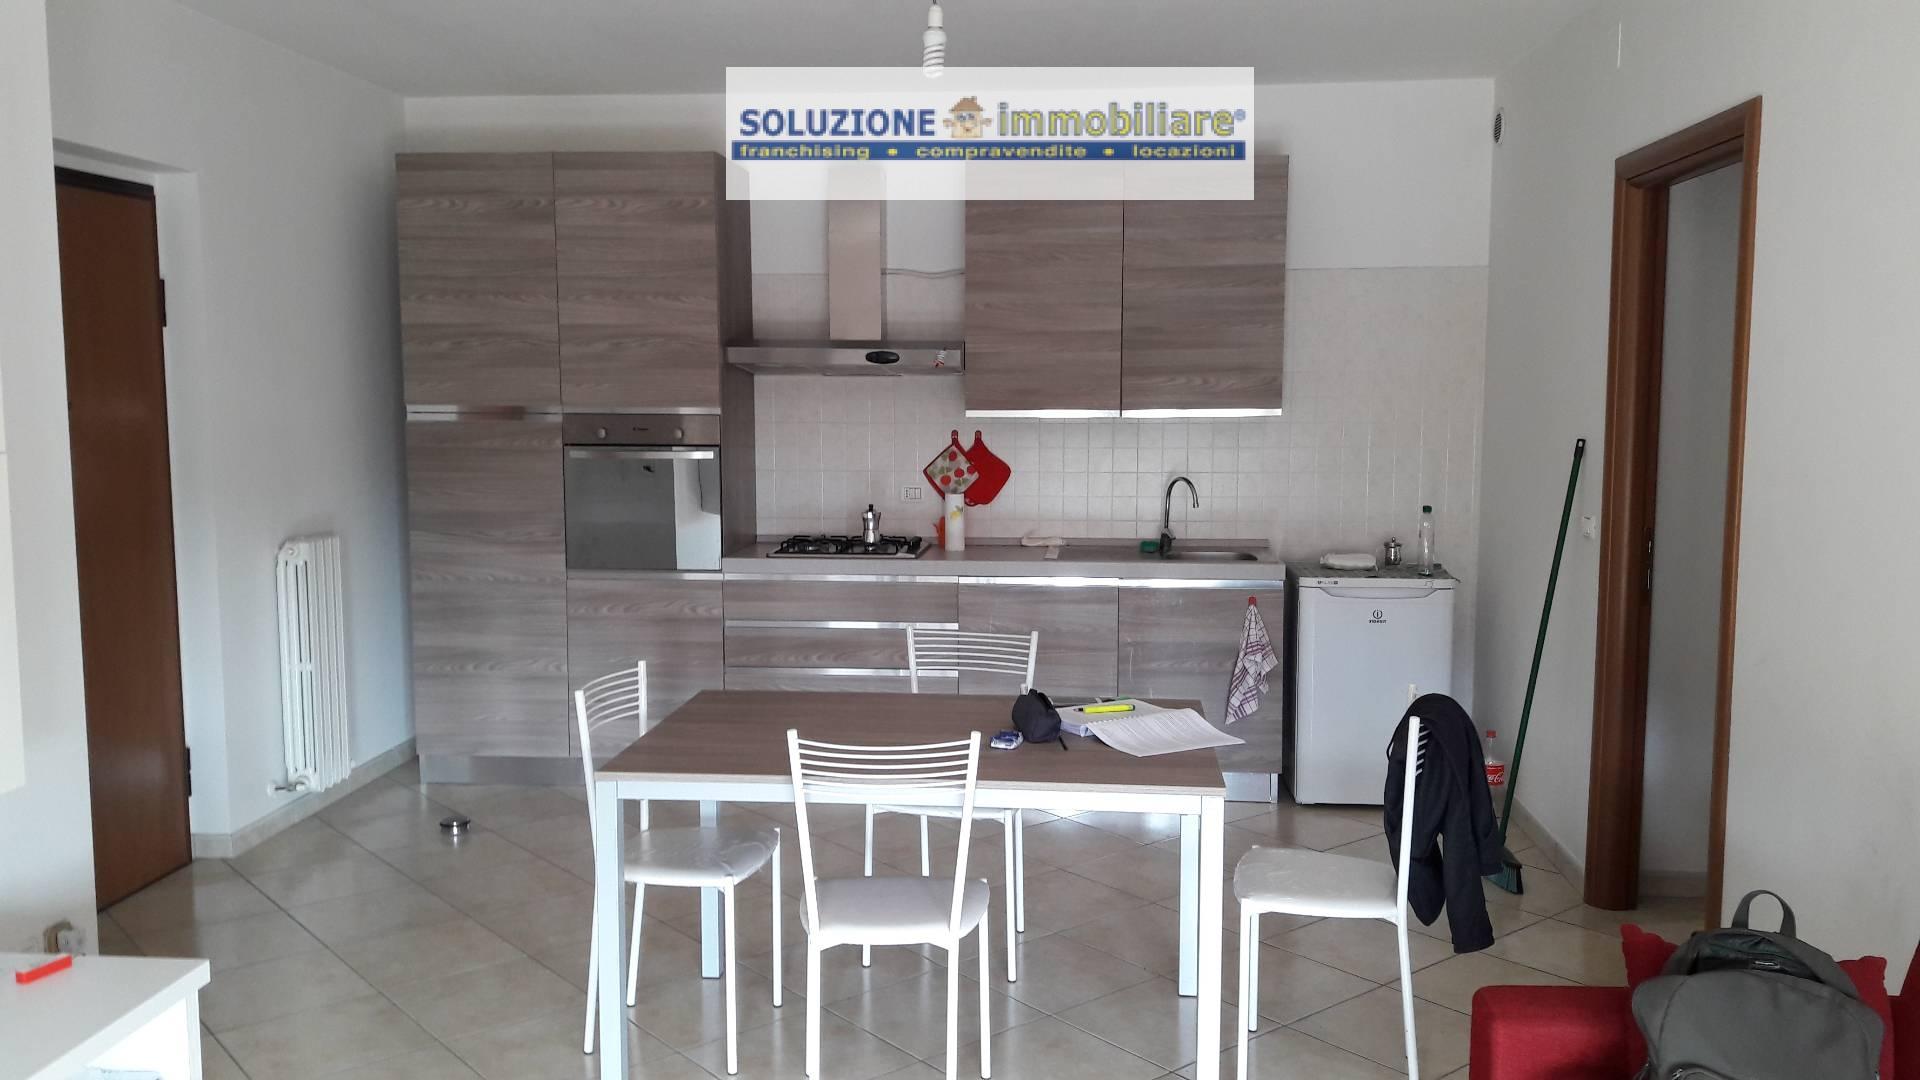 Appartamento in affitto a Chieti, 3 locali, zona Località: zonauniversitaria, prezzo € 230   CambioCasa.it